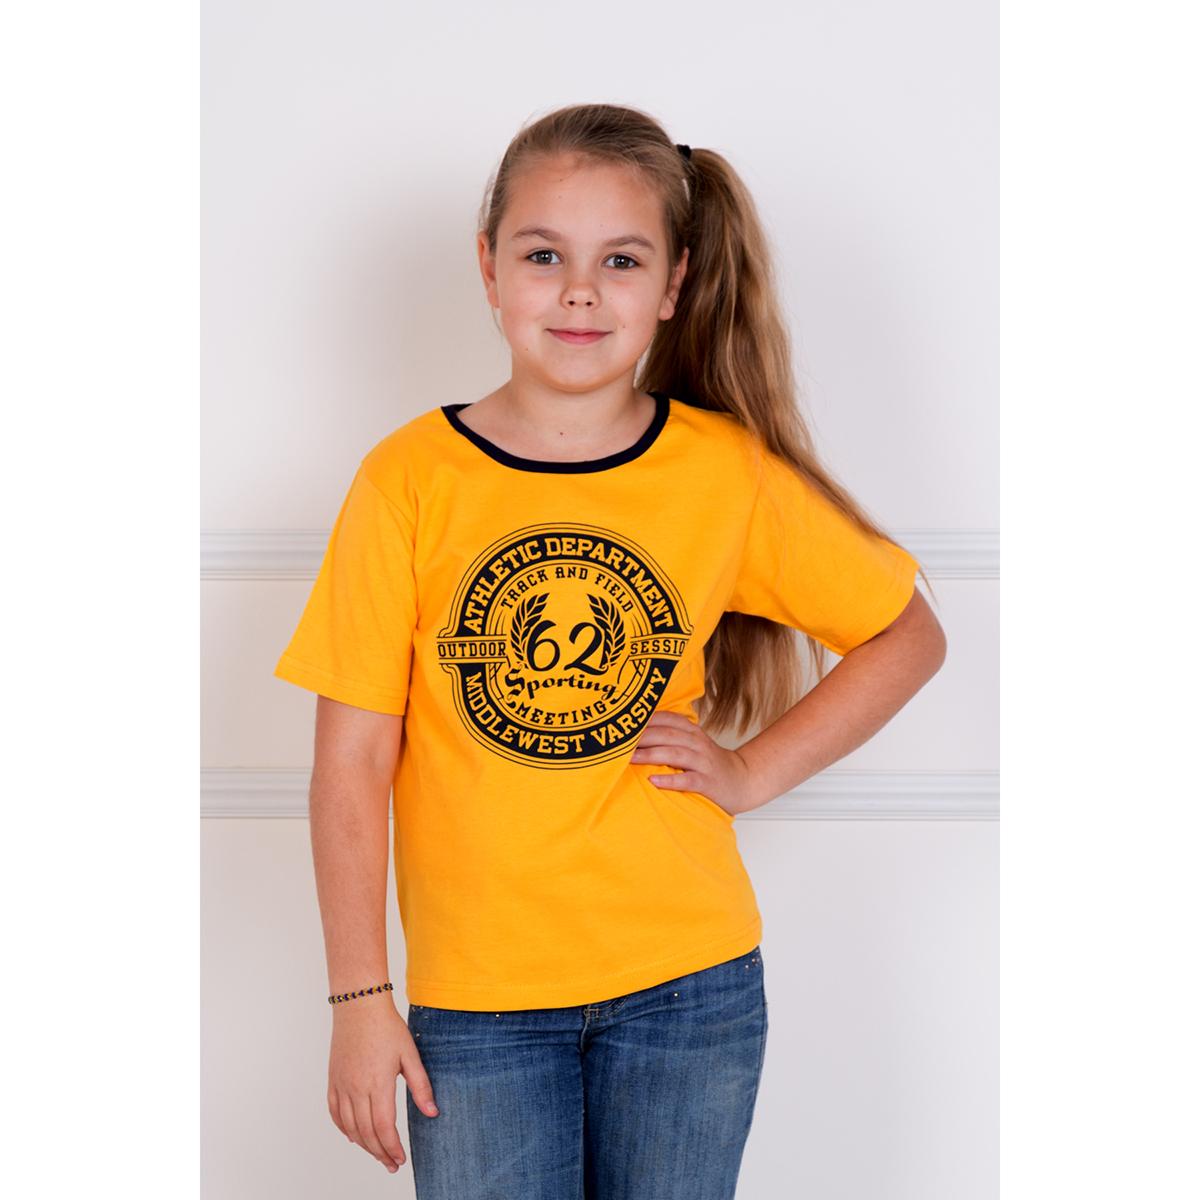 """Купить со скидкой Детская футболка """"Камелот"""" Желтый, размер 28"""